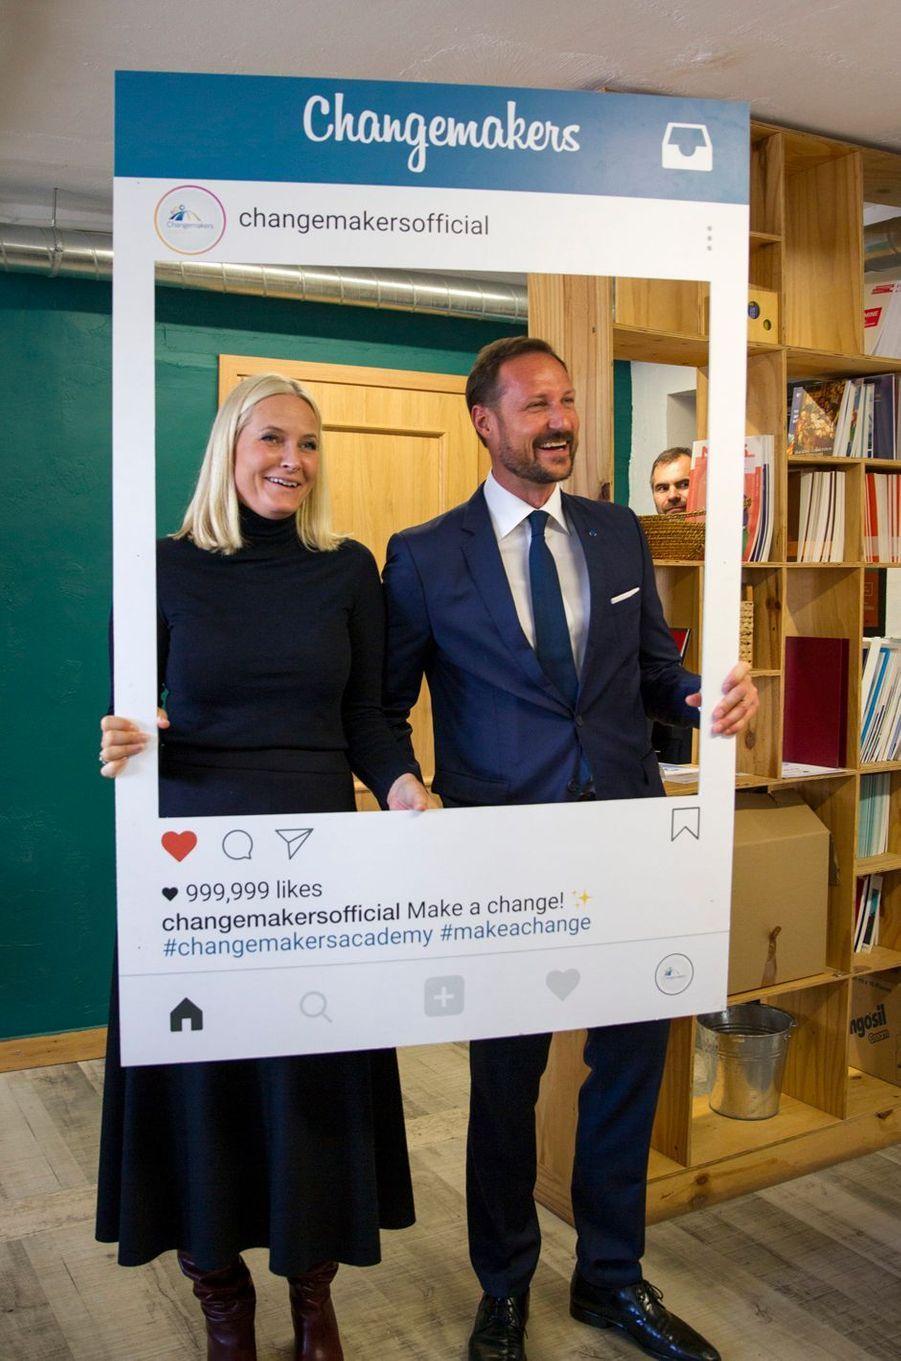 La princesse Mette-Marit et le prince Haakon de Norvège à Tallinn, le 26 avril 2018